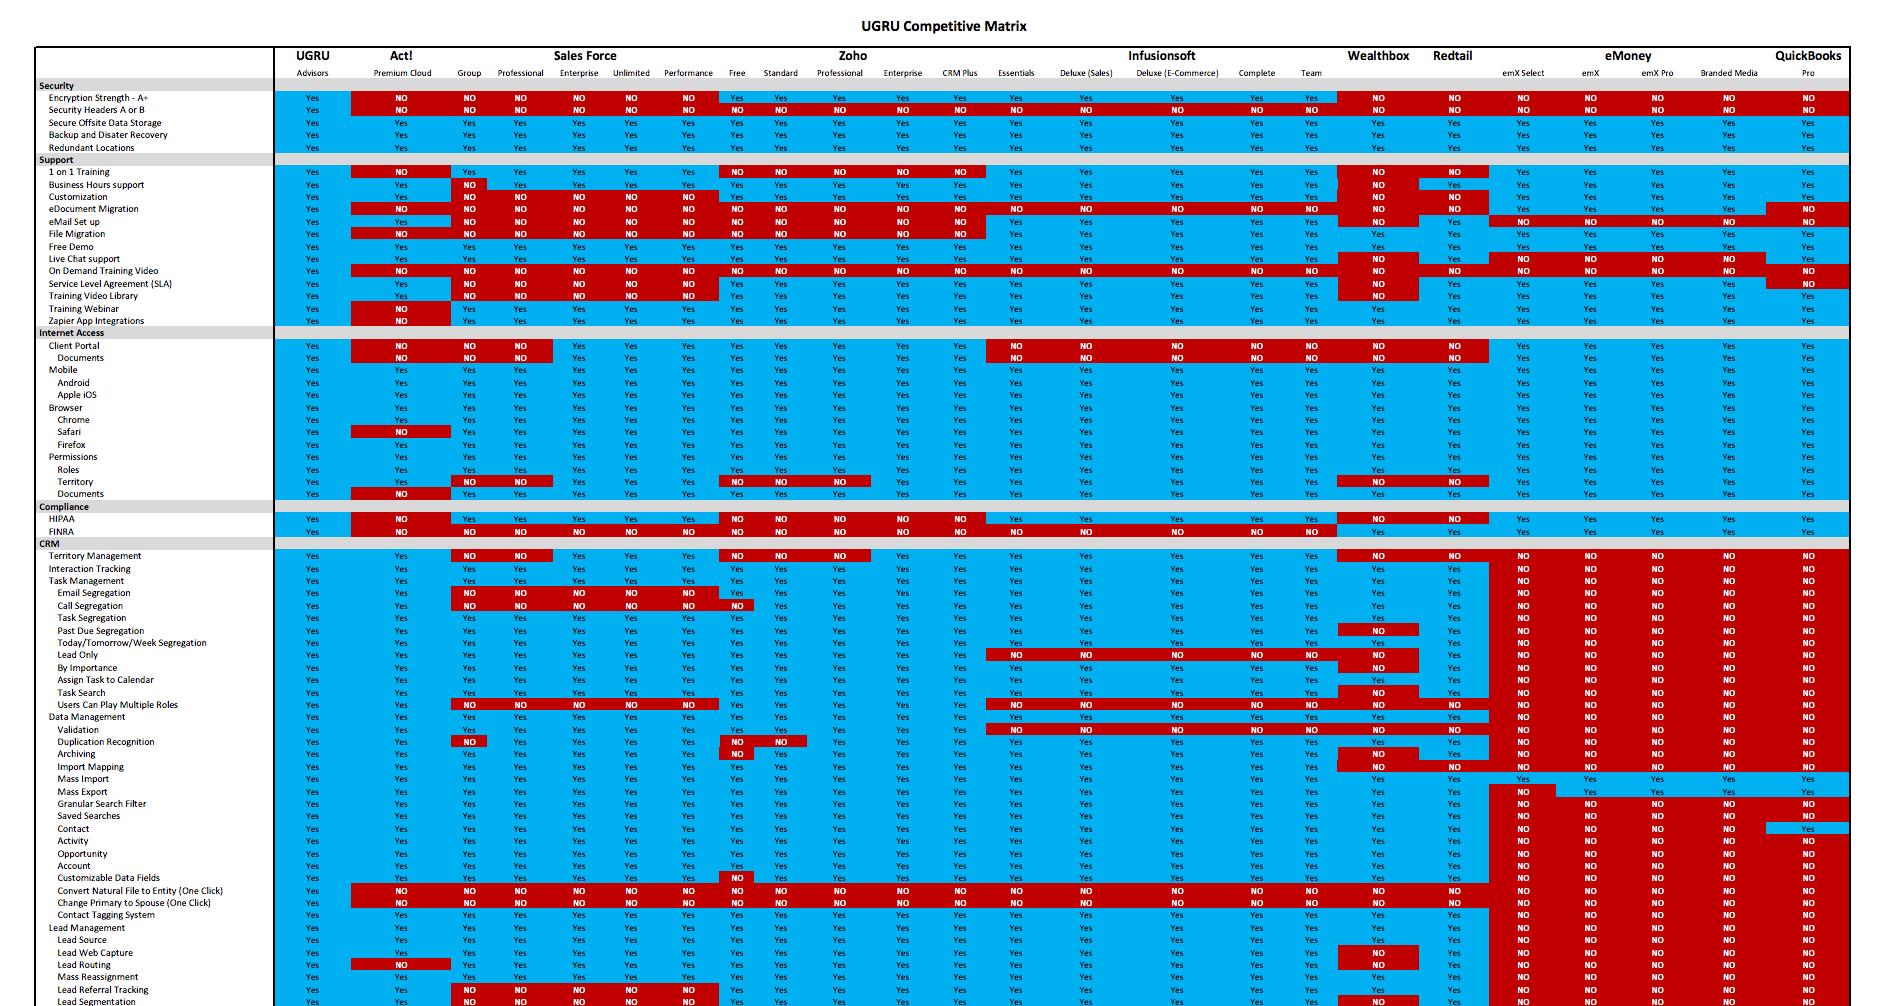 Ugru CRM vs Salesforce vs Wealthbox vs Redtail vs. Zoho